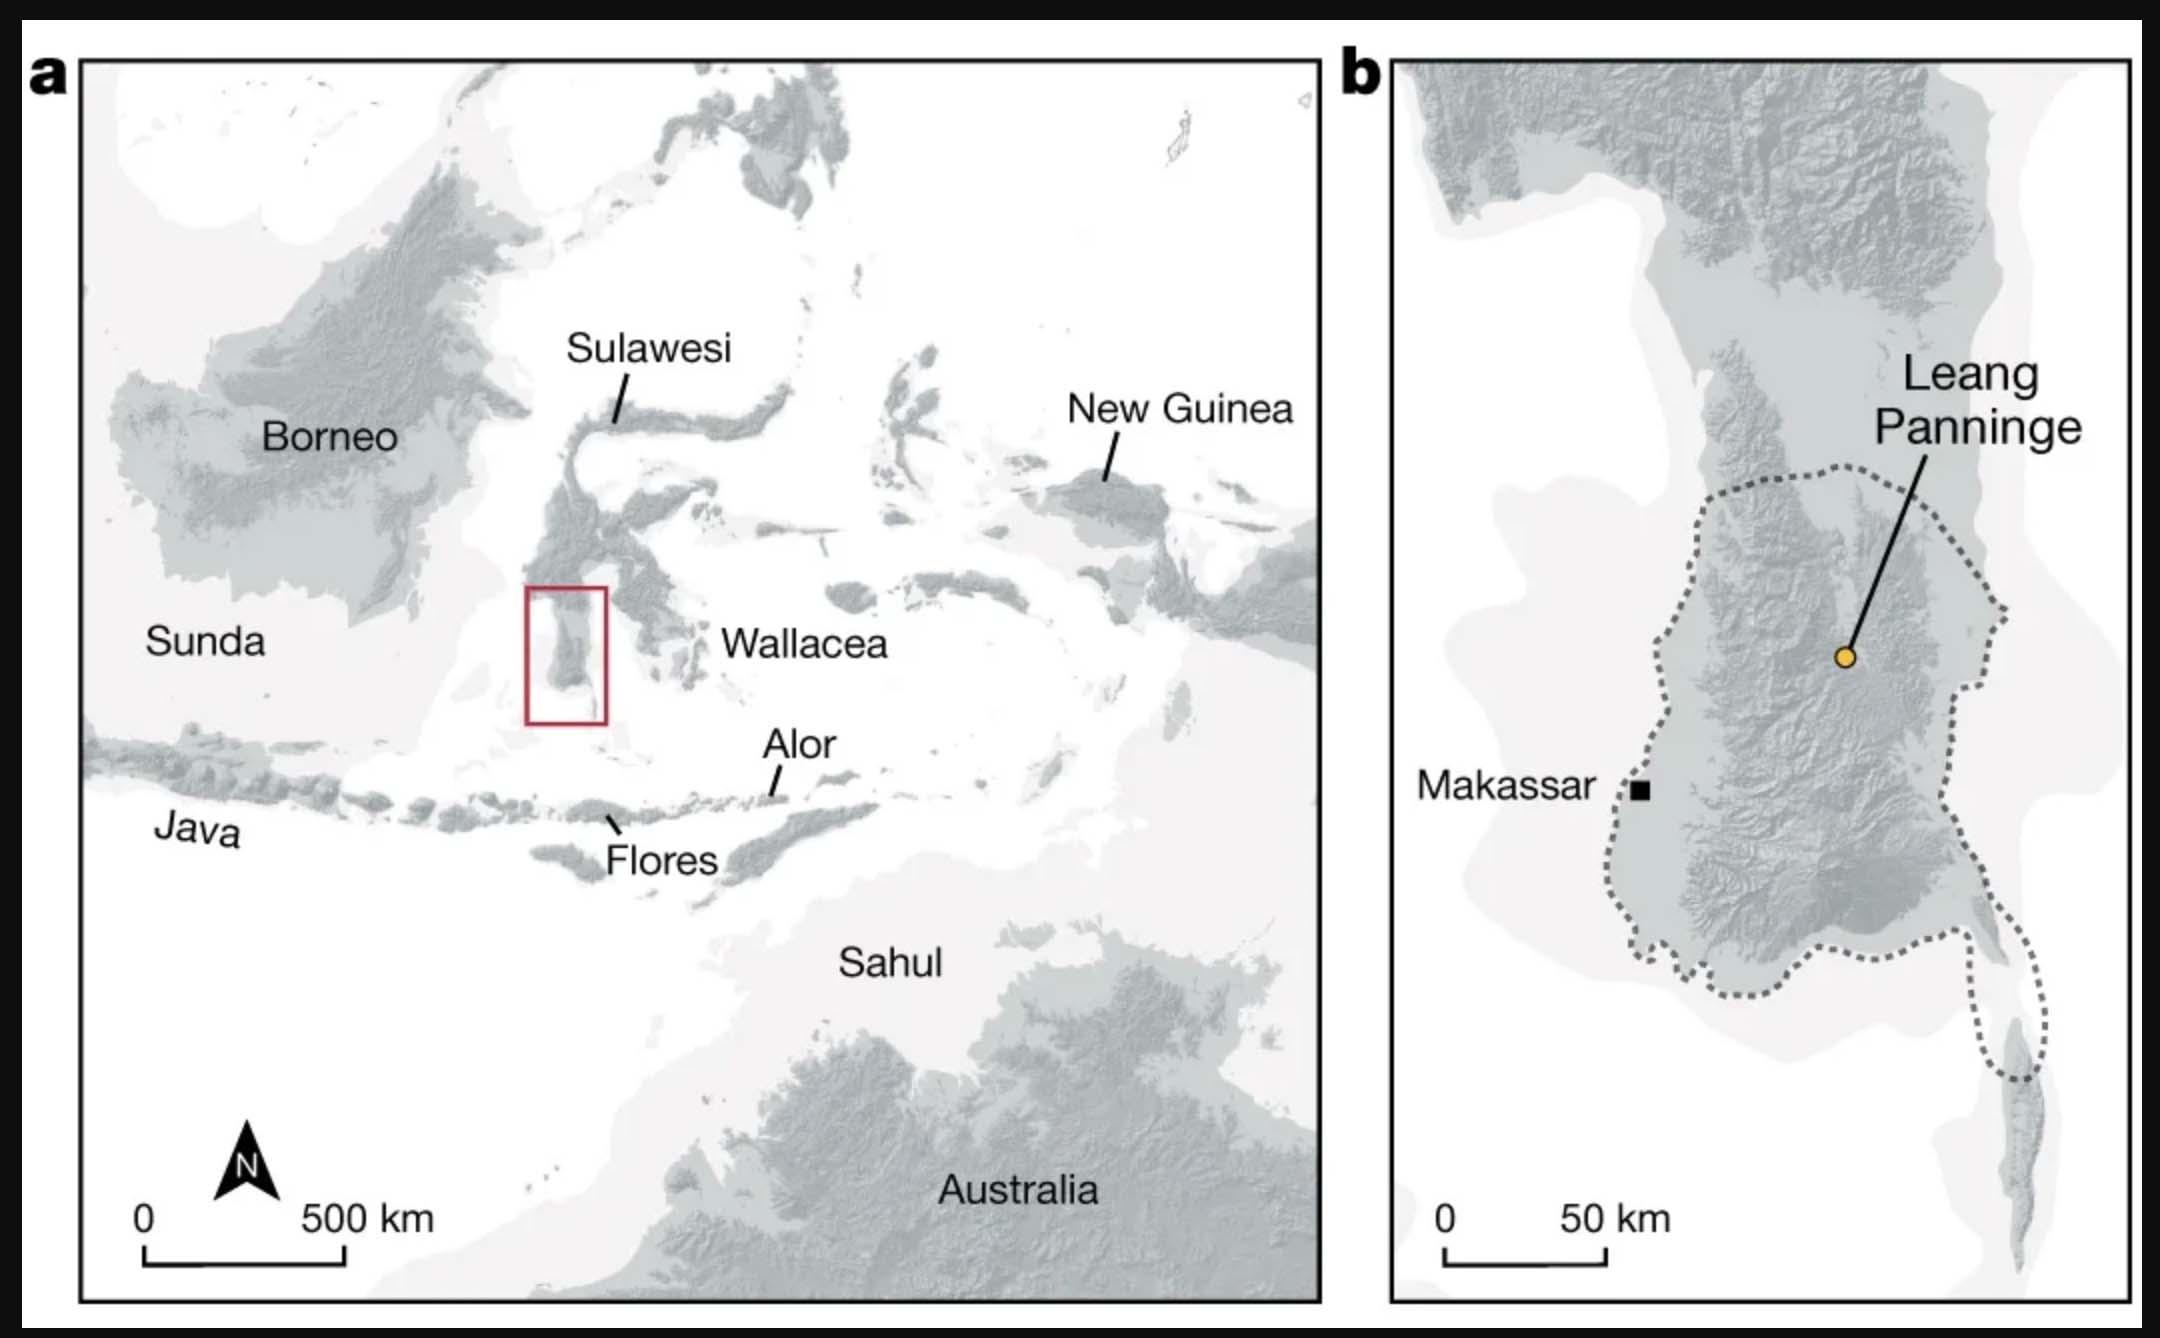 Kawasan Leang Paningnge| Carlhoff et al., Nature, 2021